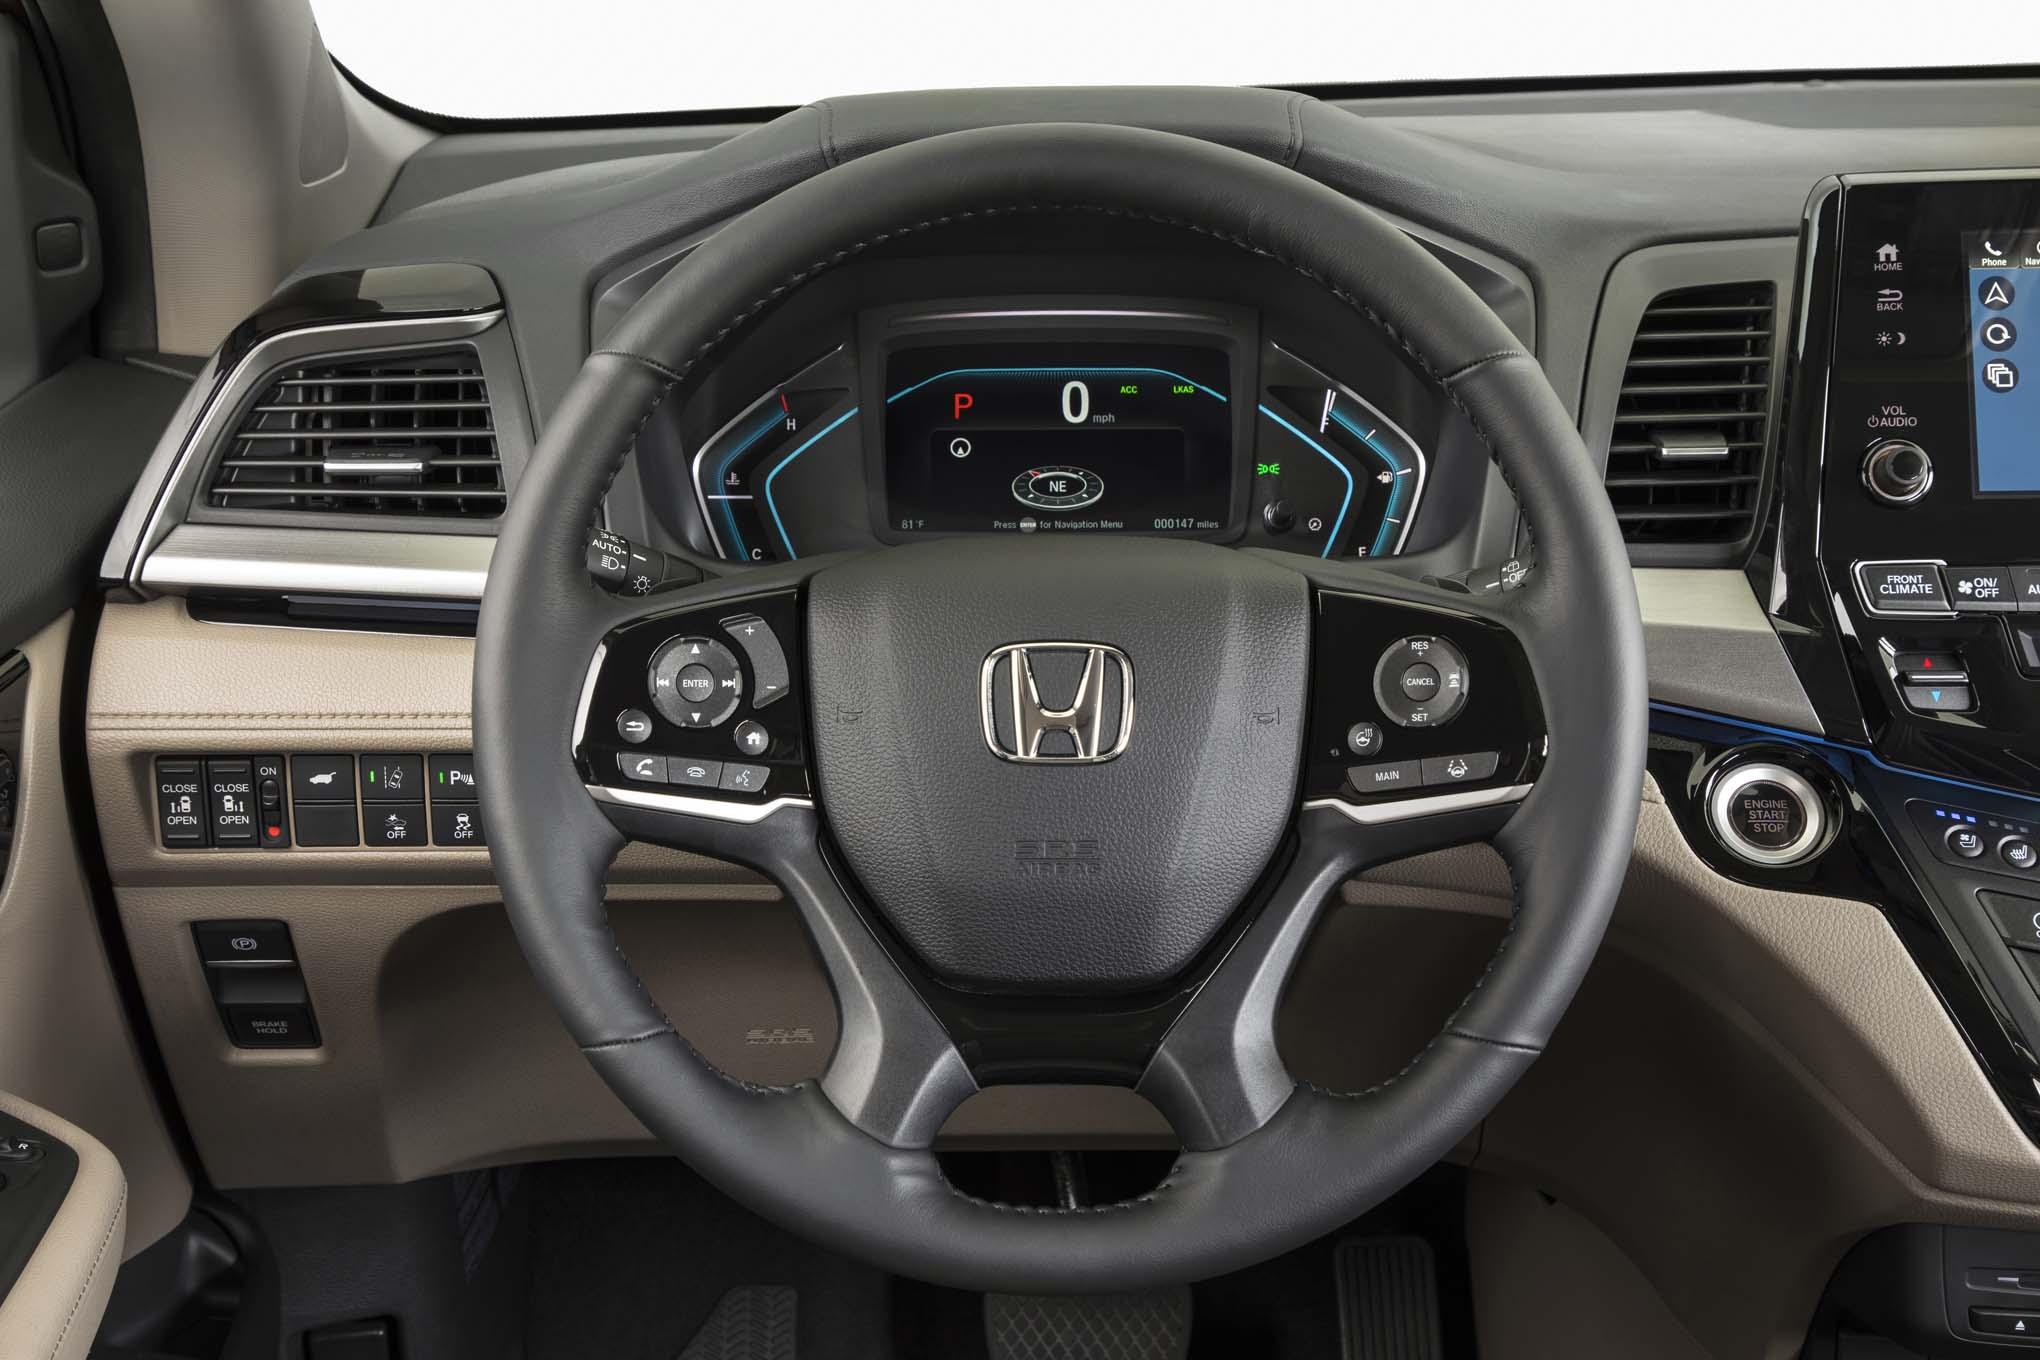 2018 honda odyssey review ball honda new used cars trucks vans for sale 2018 honda odyssey touring elite interior